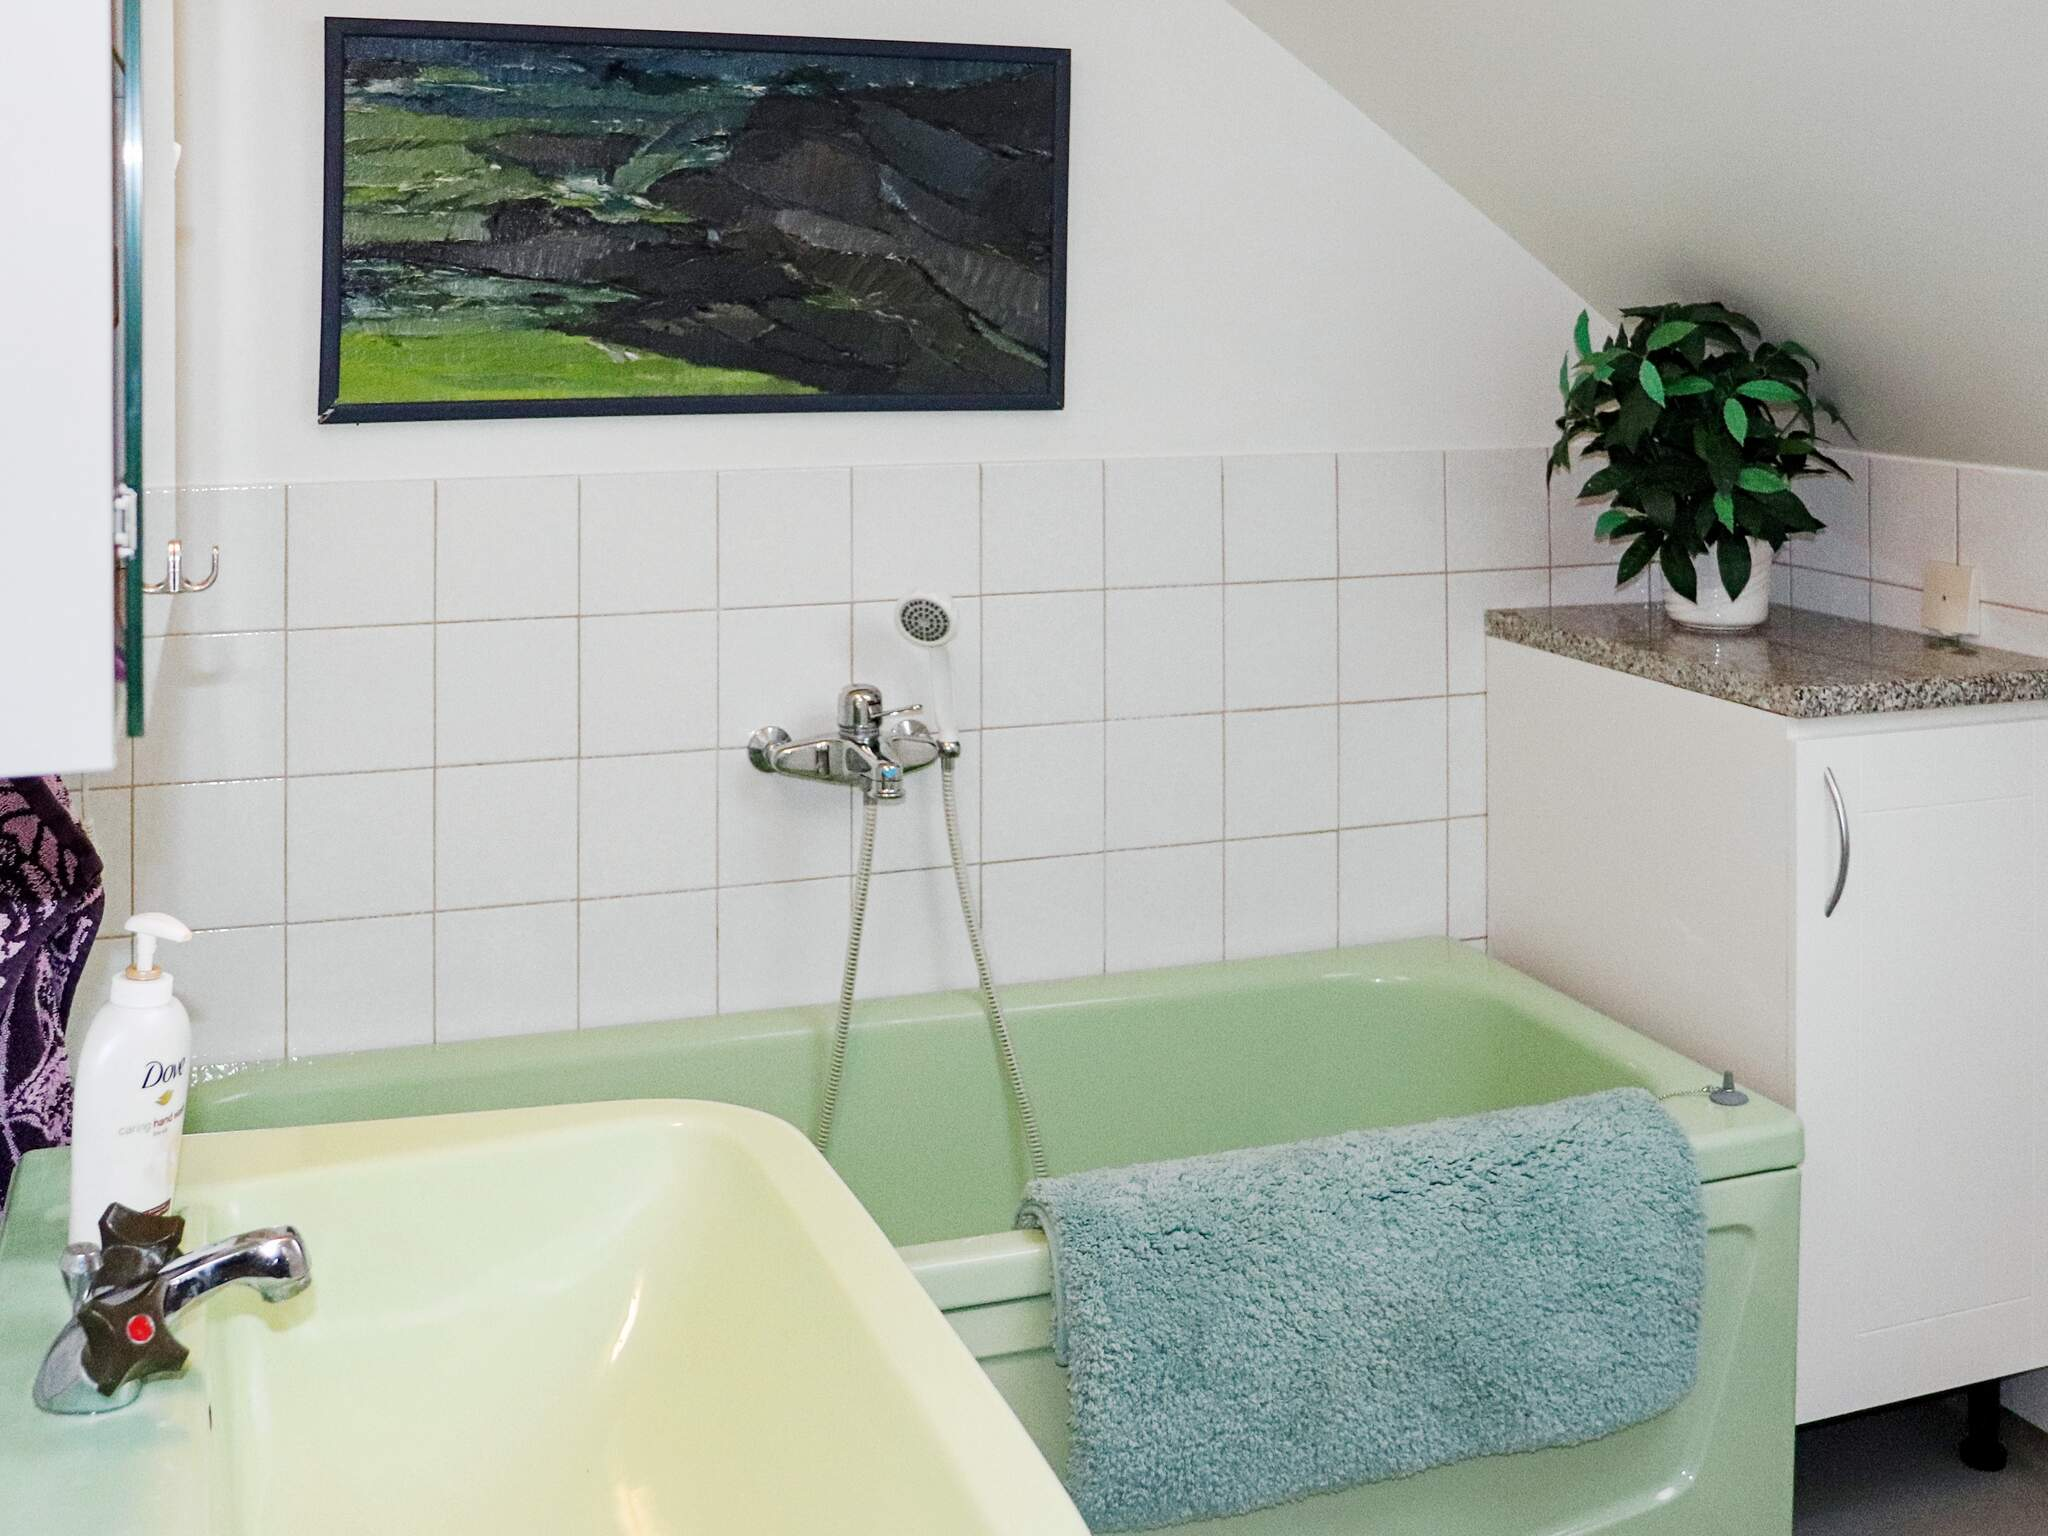 Ferienhaus Simrishamn (2701533), Simrishamn, Skane län, Südschweden, Schweden, Bild 17